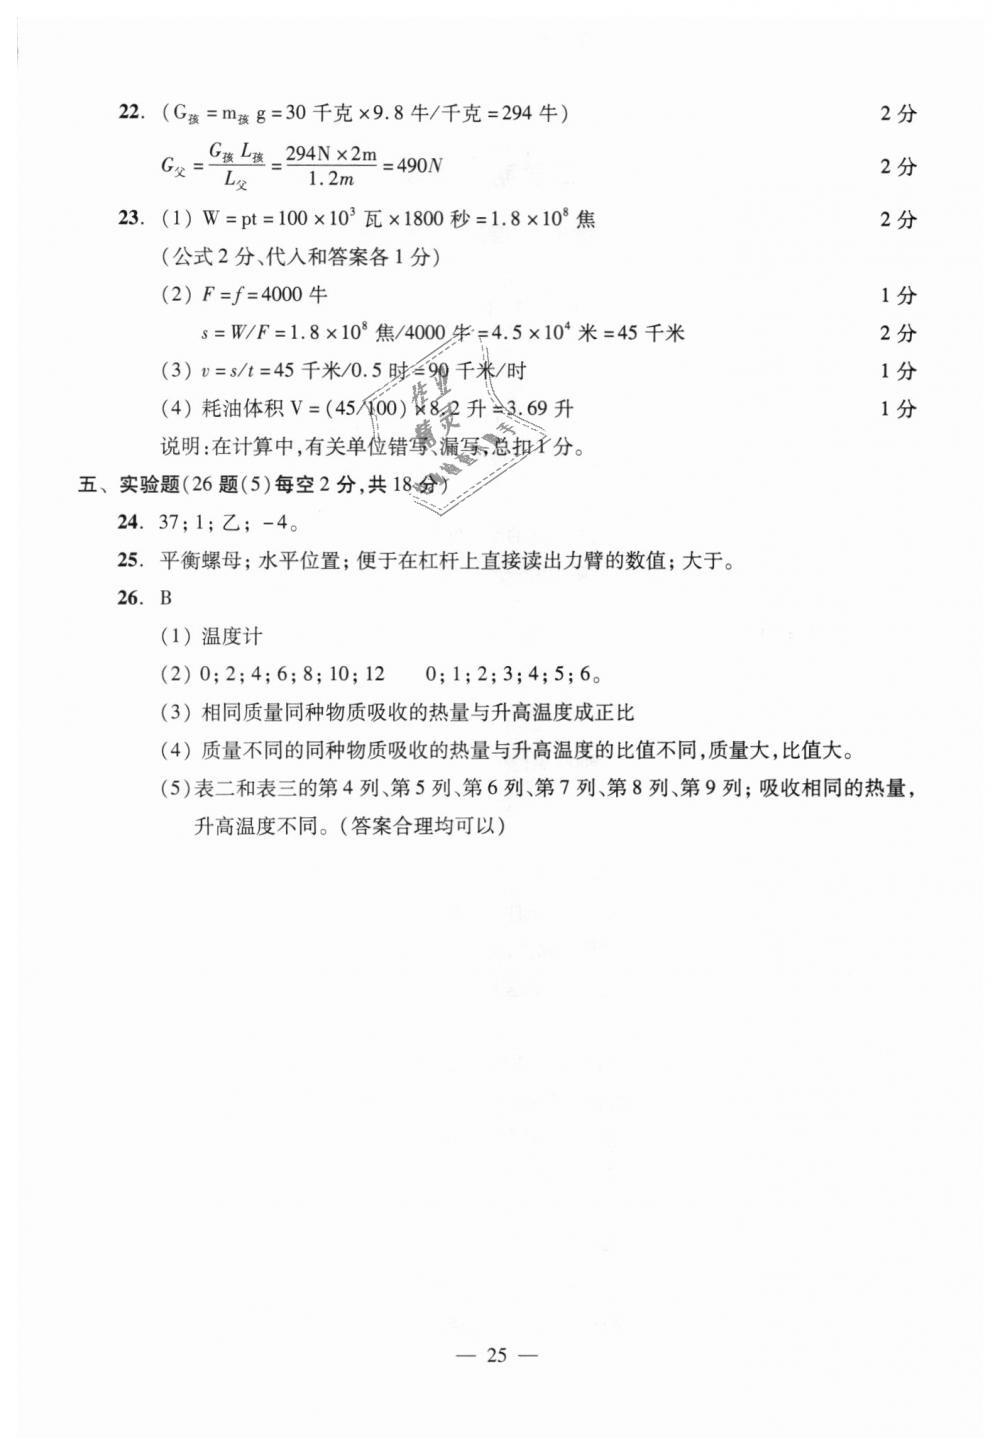 2018年初中物理双基过关堂堂练八年级全一册沪教版第69页